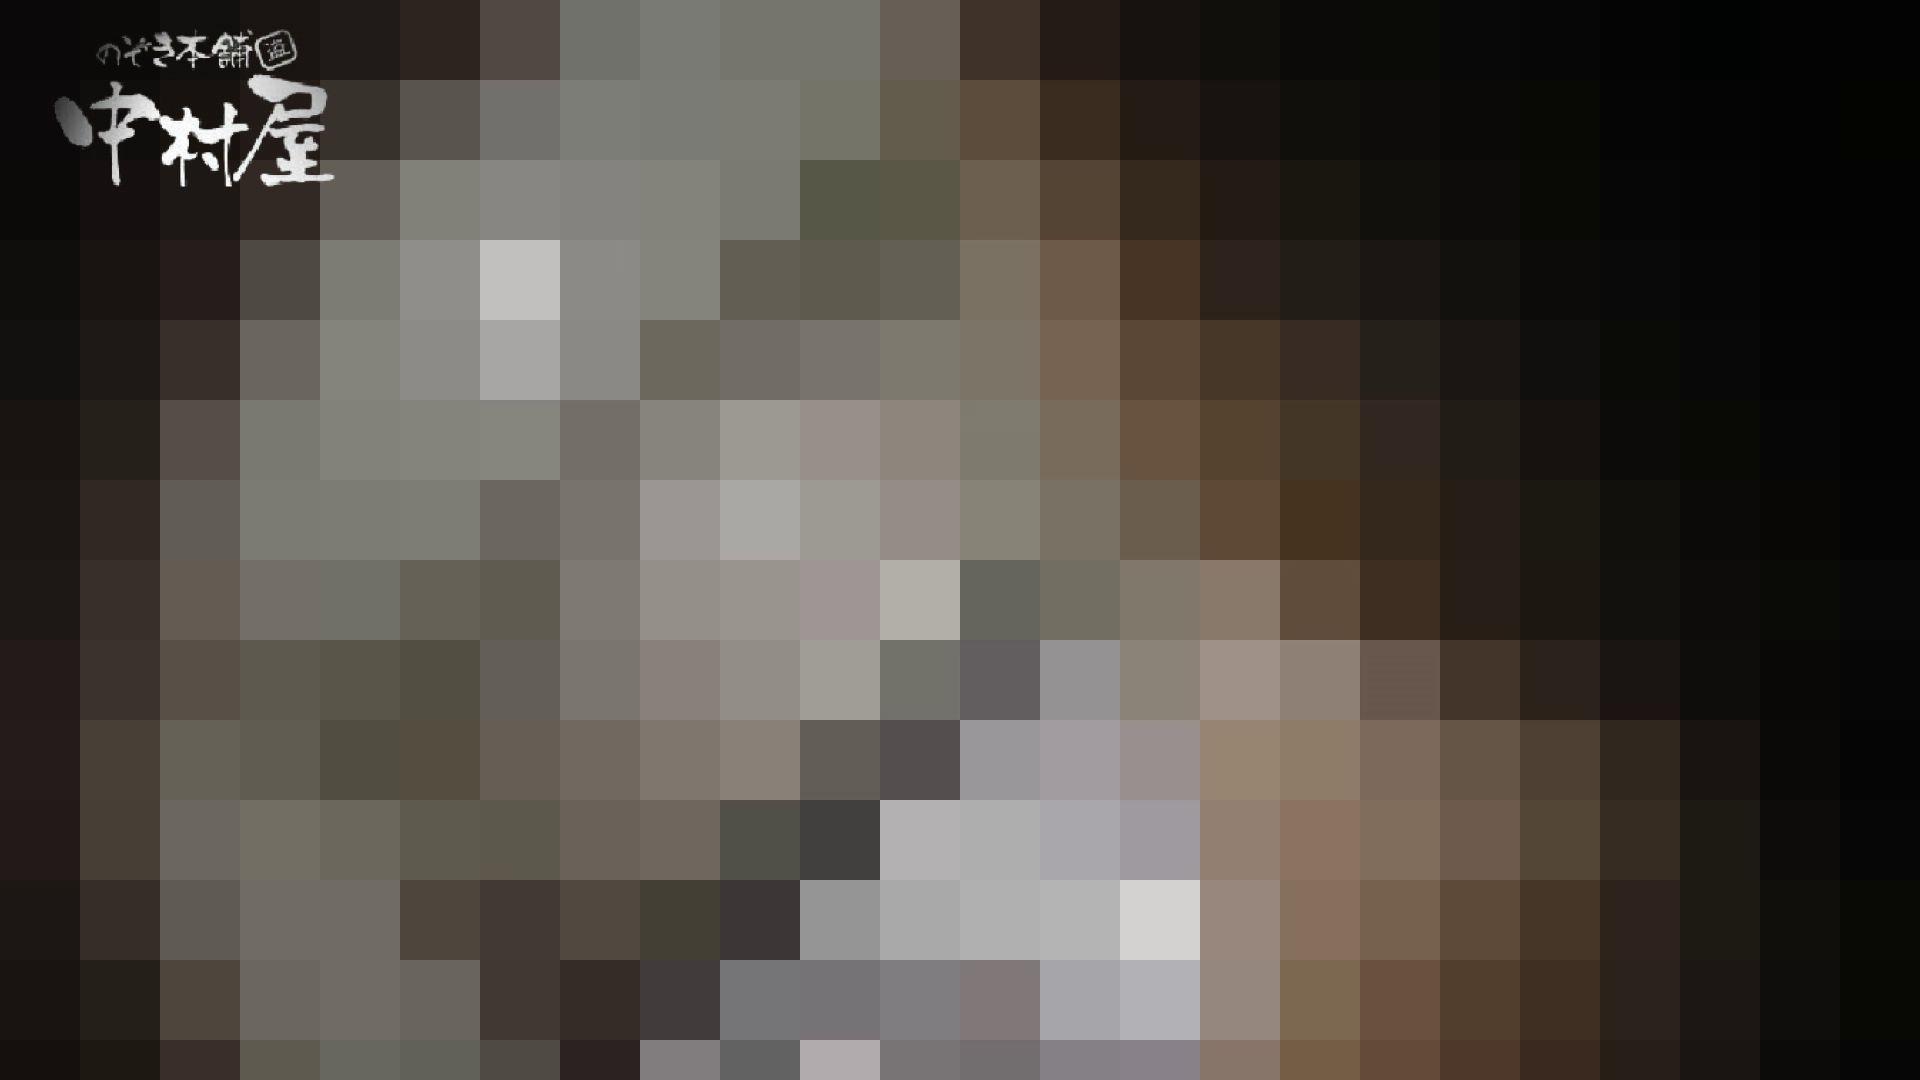 【世界の射窓から】世界の射窓から vol.18後編 洗面所編  102PIX 96